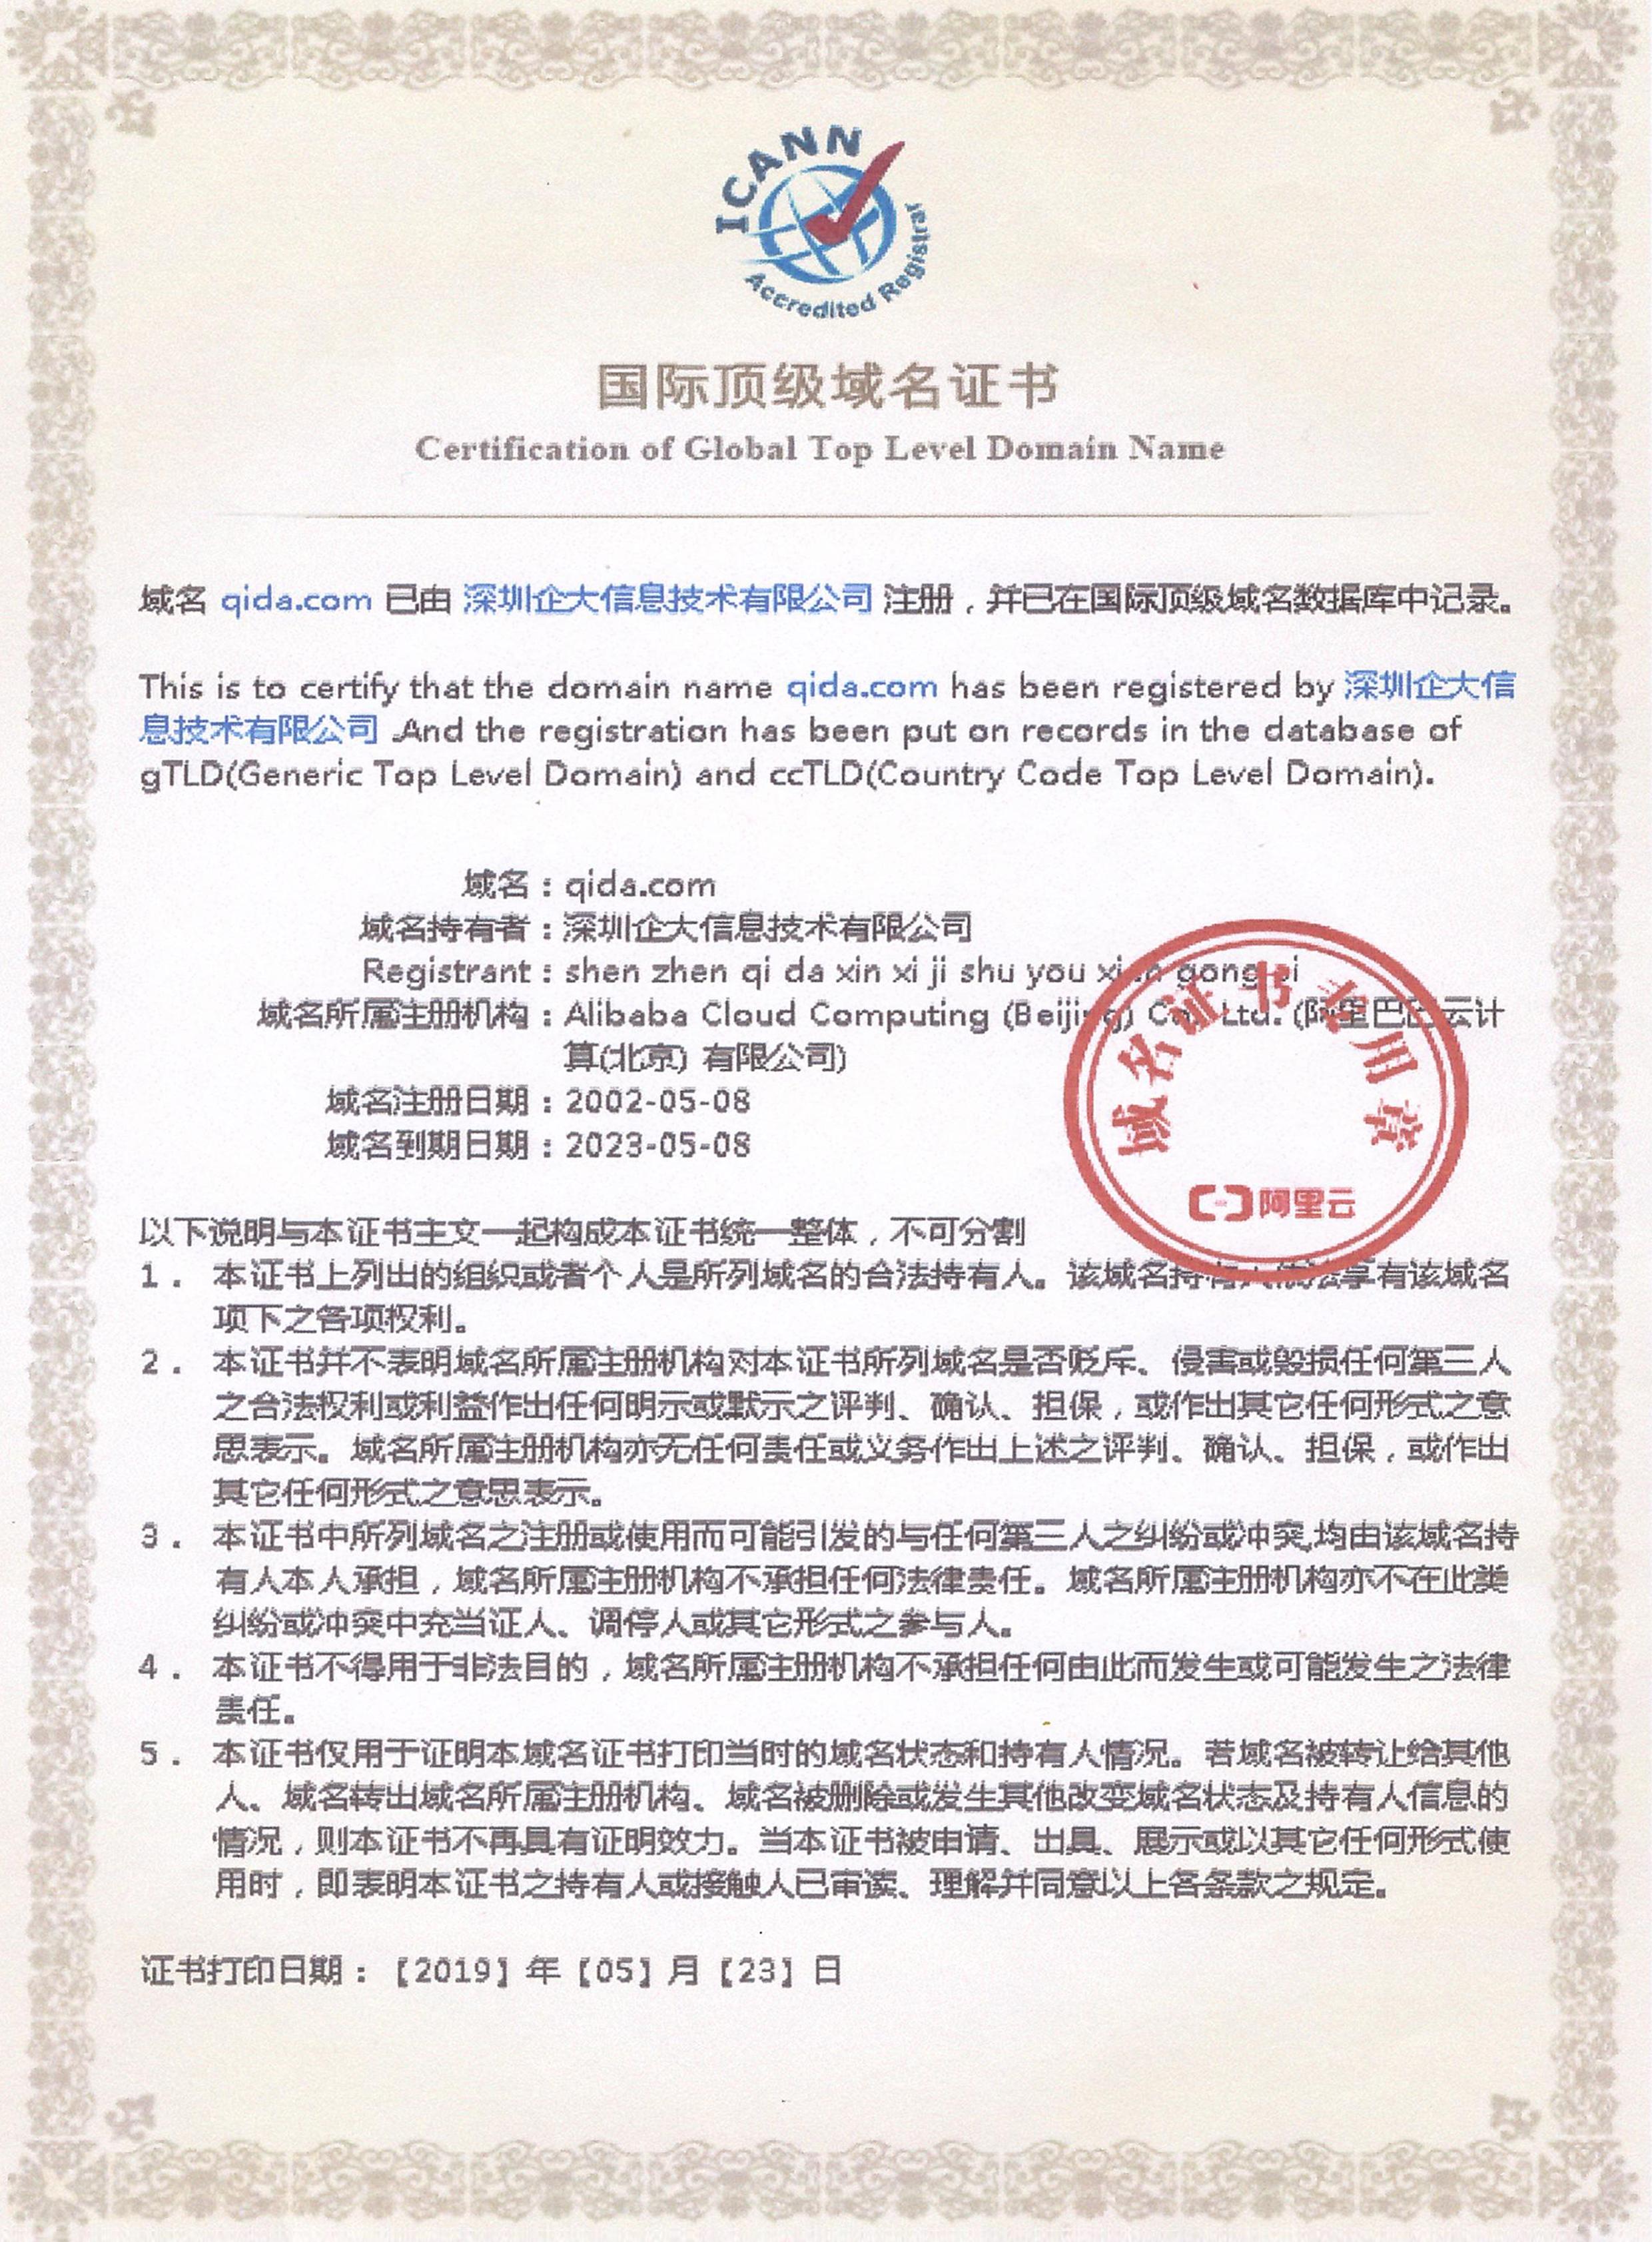 国际顶级域名证书.jpg